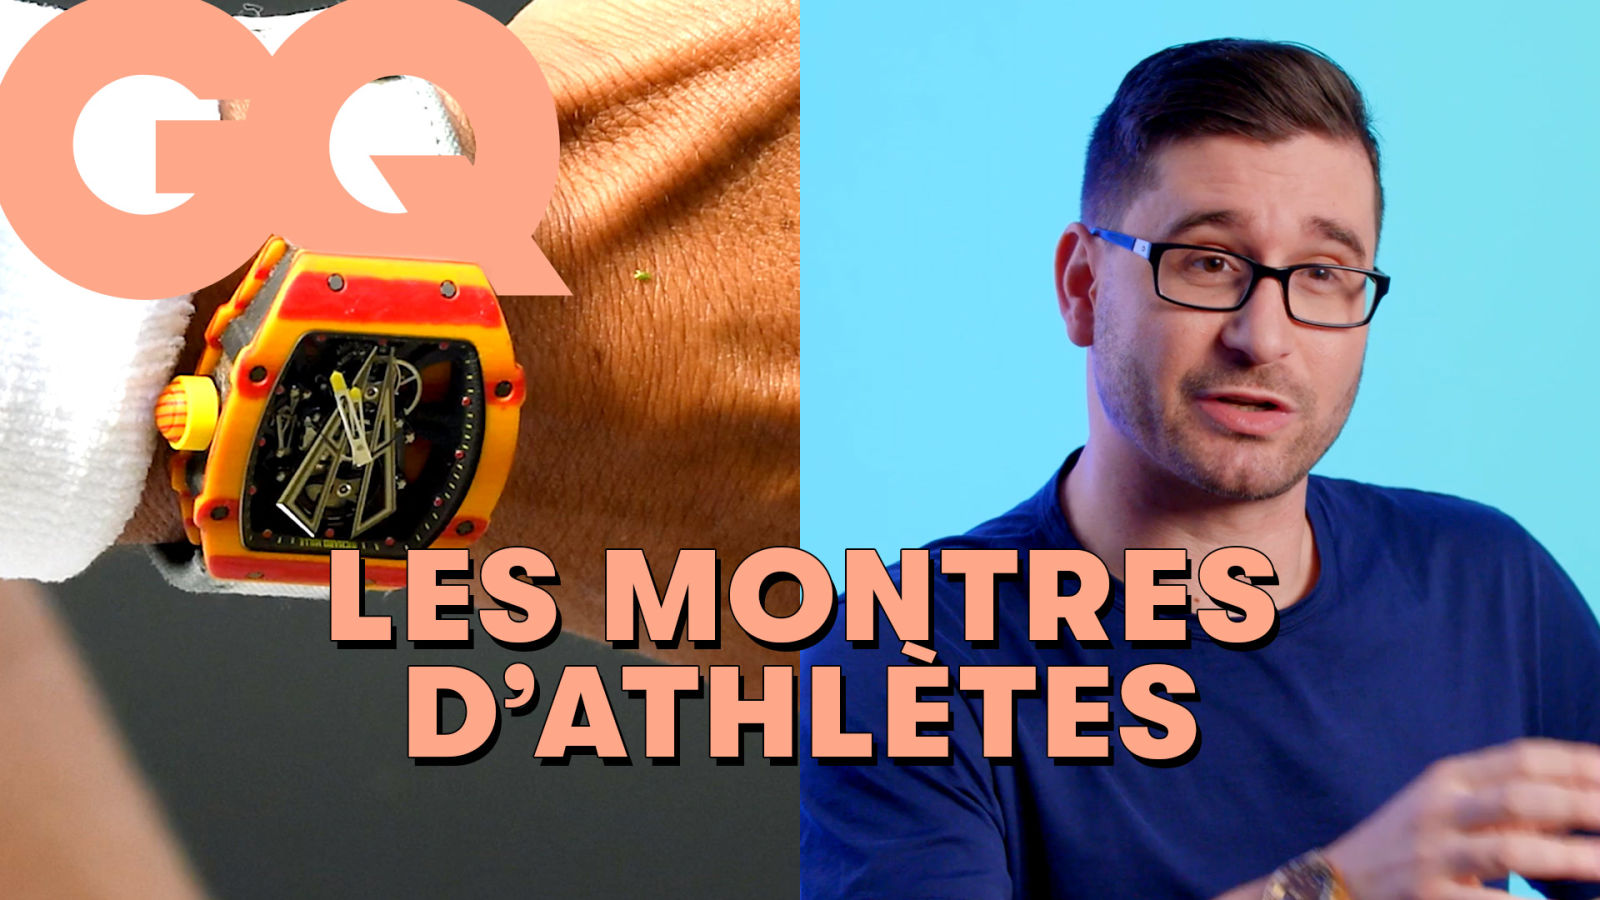 Un expert en horlogerie analyse les montres des stars du sport : Lewis Hamilton, Roger Federer, LeBron James